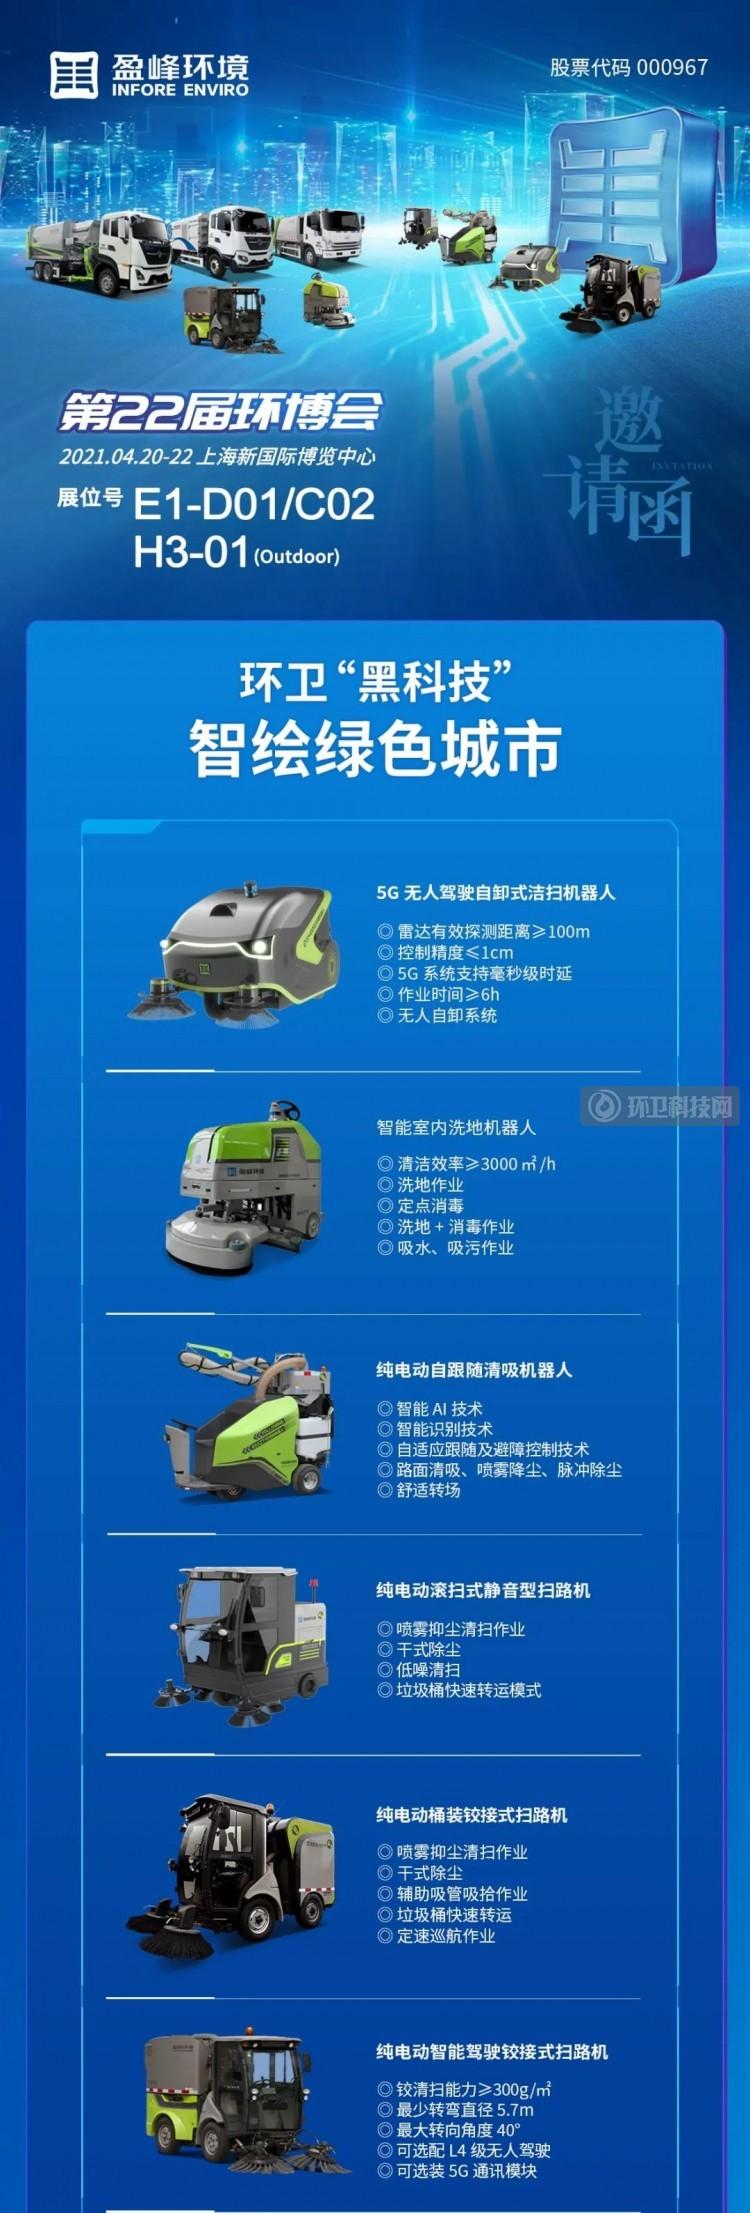 盈峰环境邀请您参加第22届上海环博会